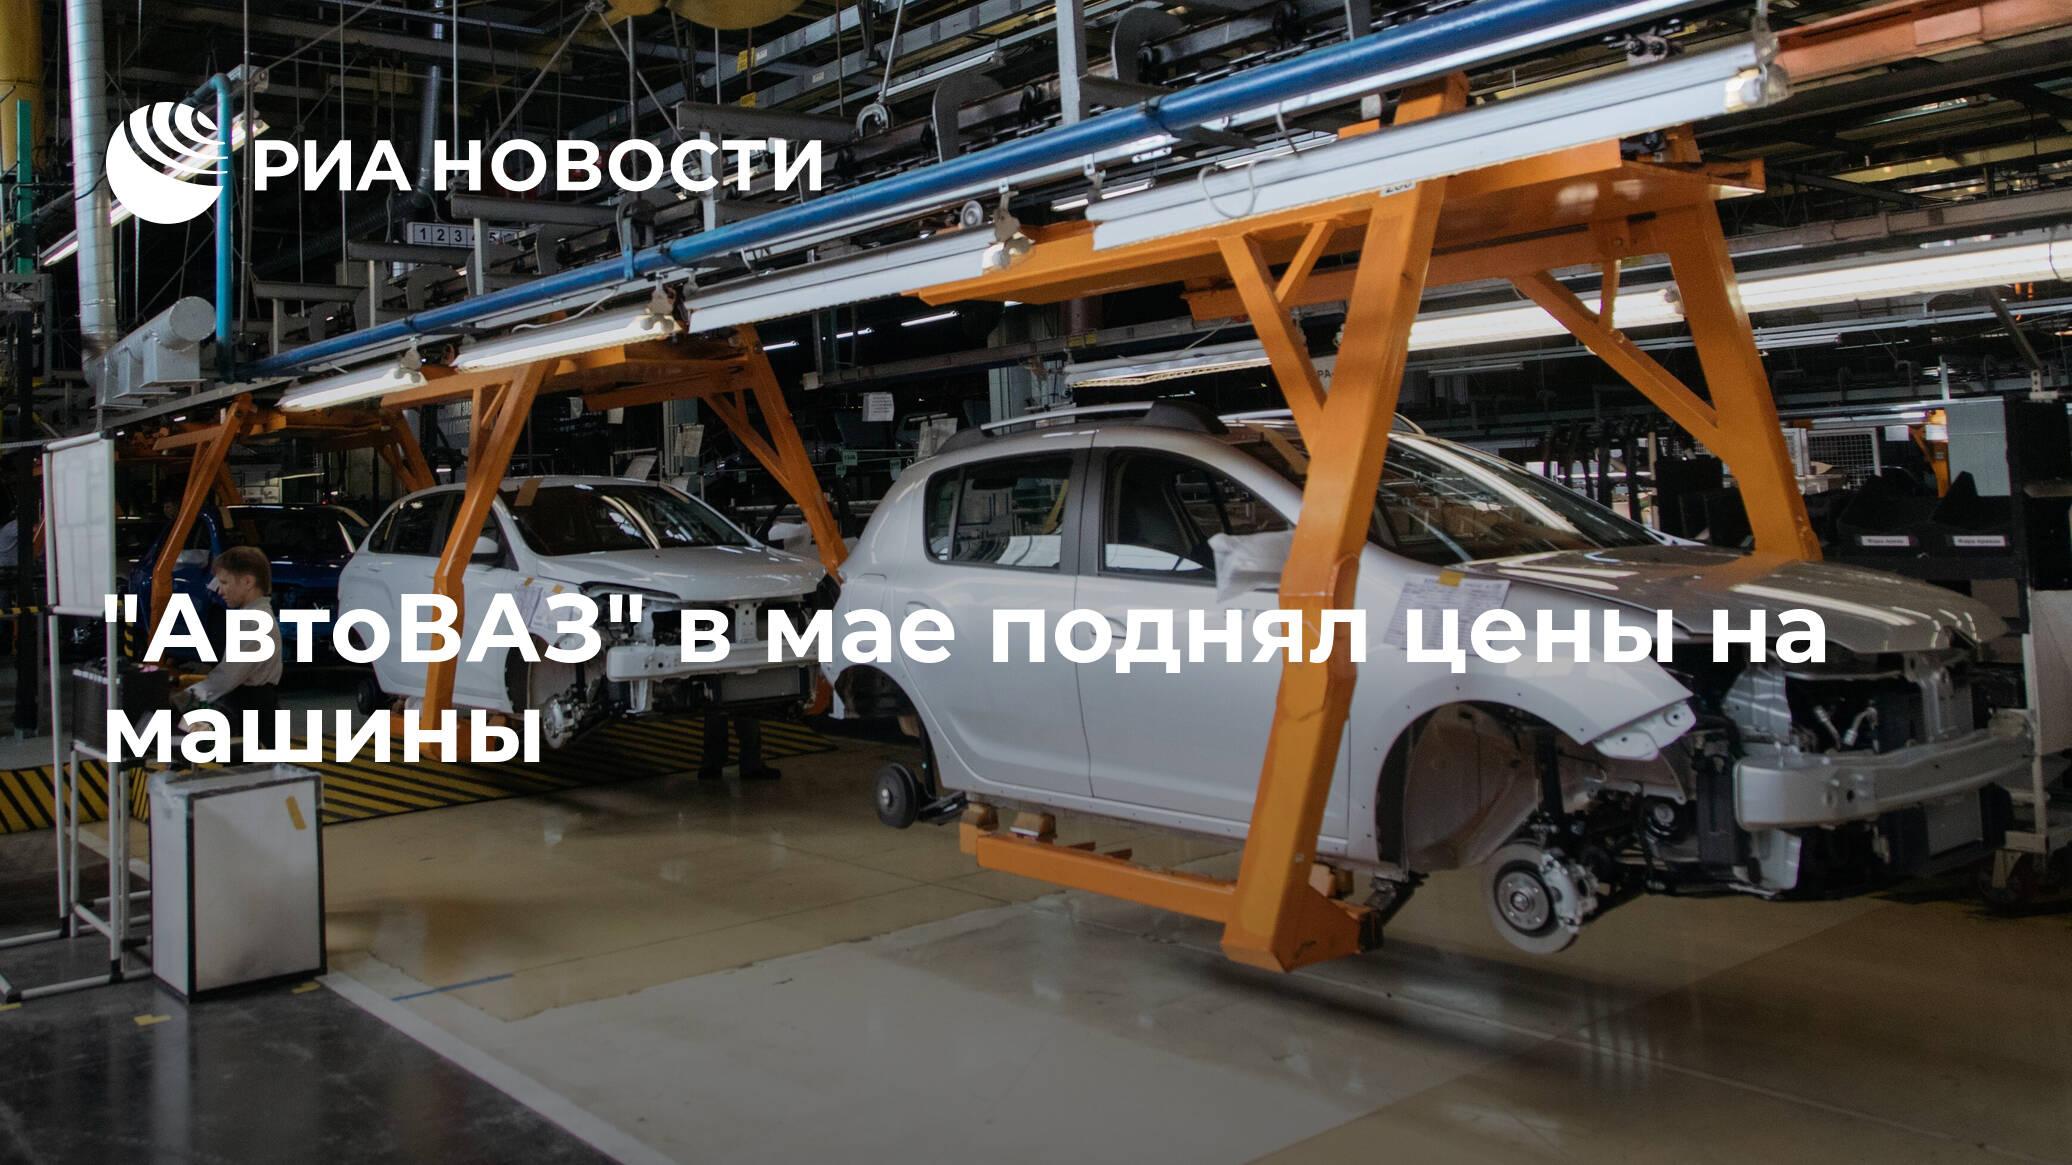 'АвтоВАЗ' в мае поднял цены на машины - РИА НОВОСТИ